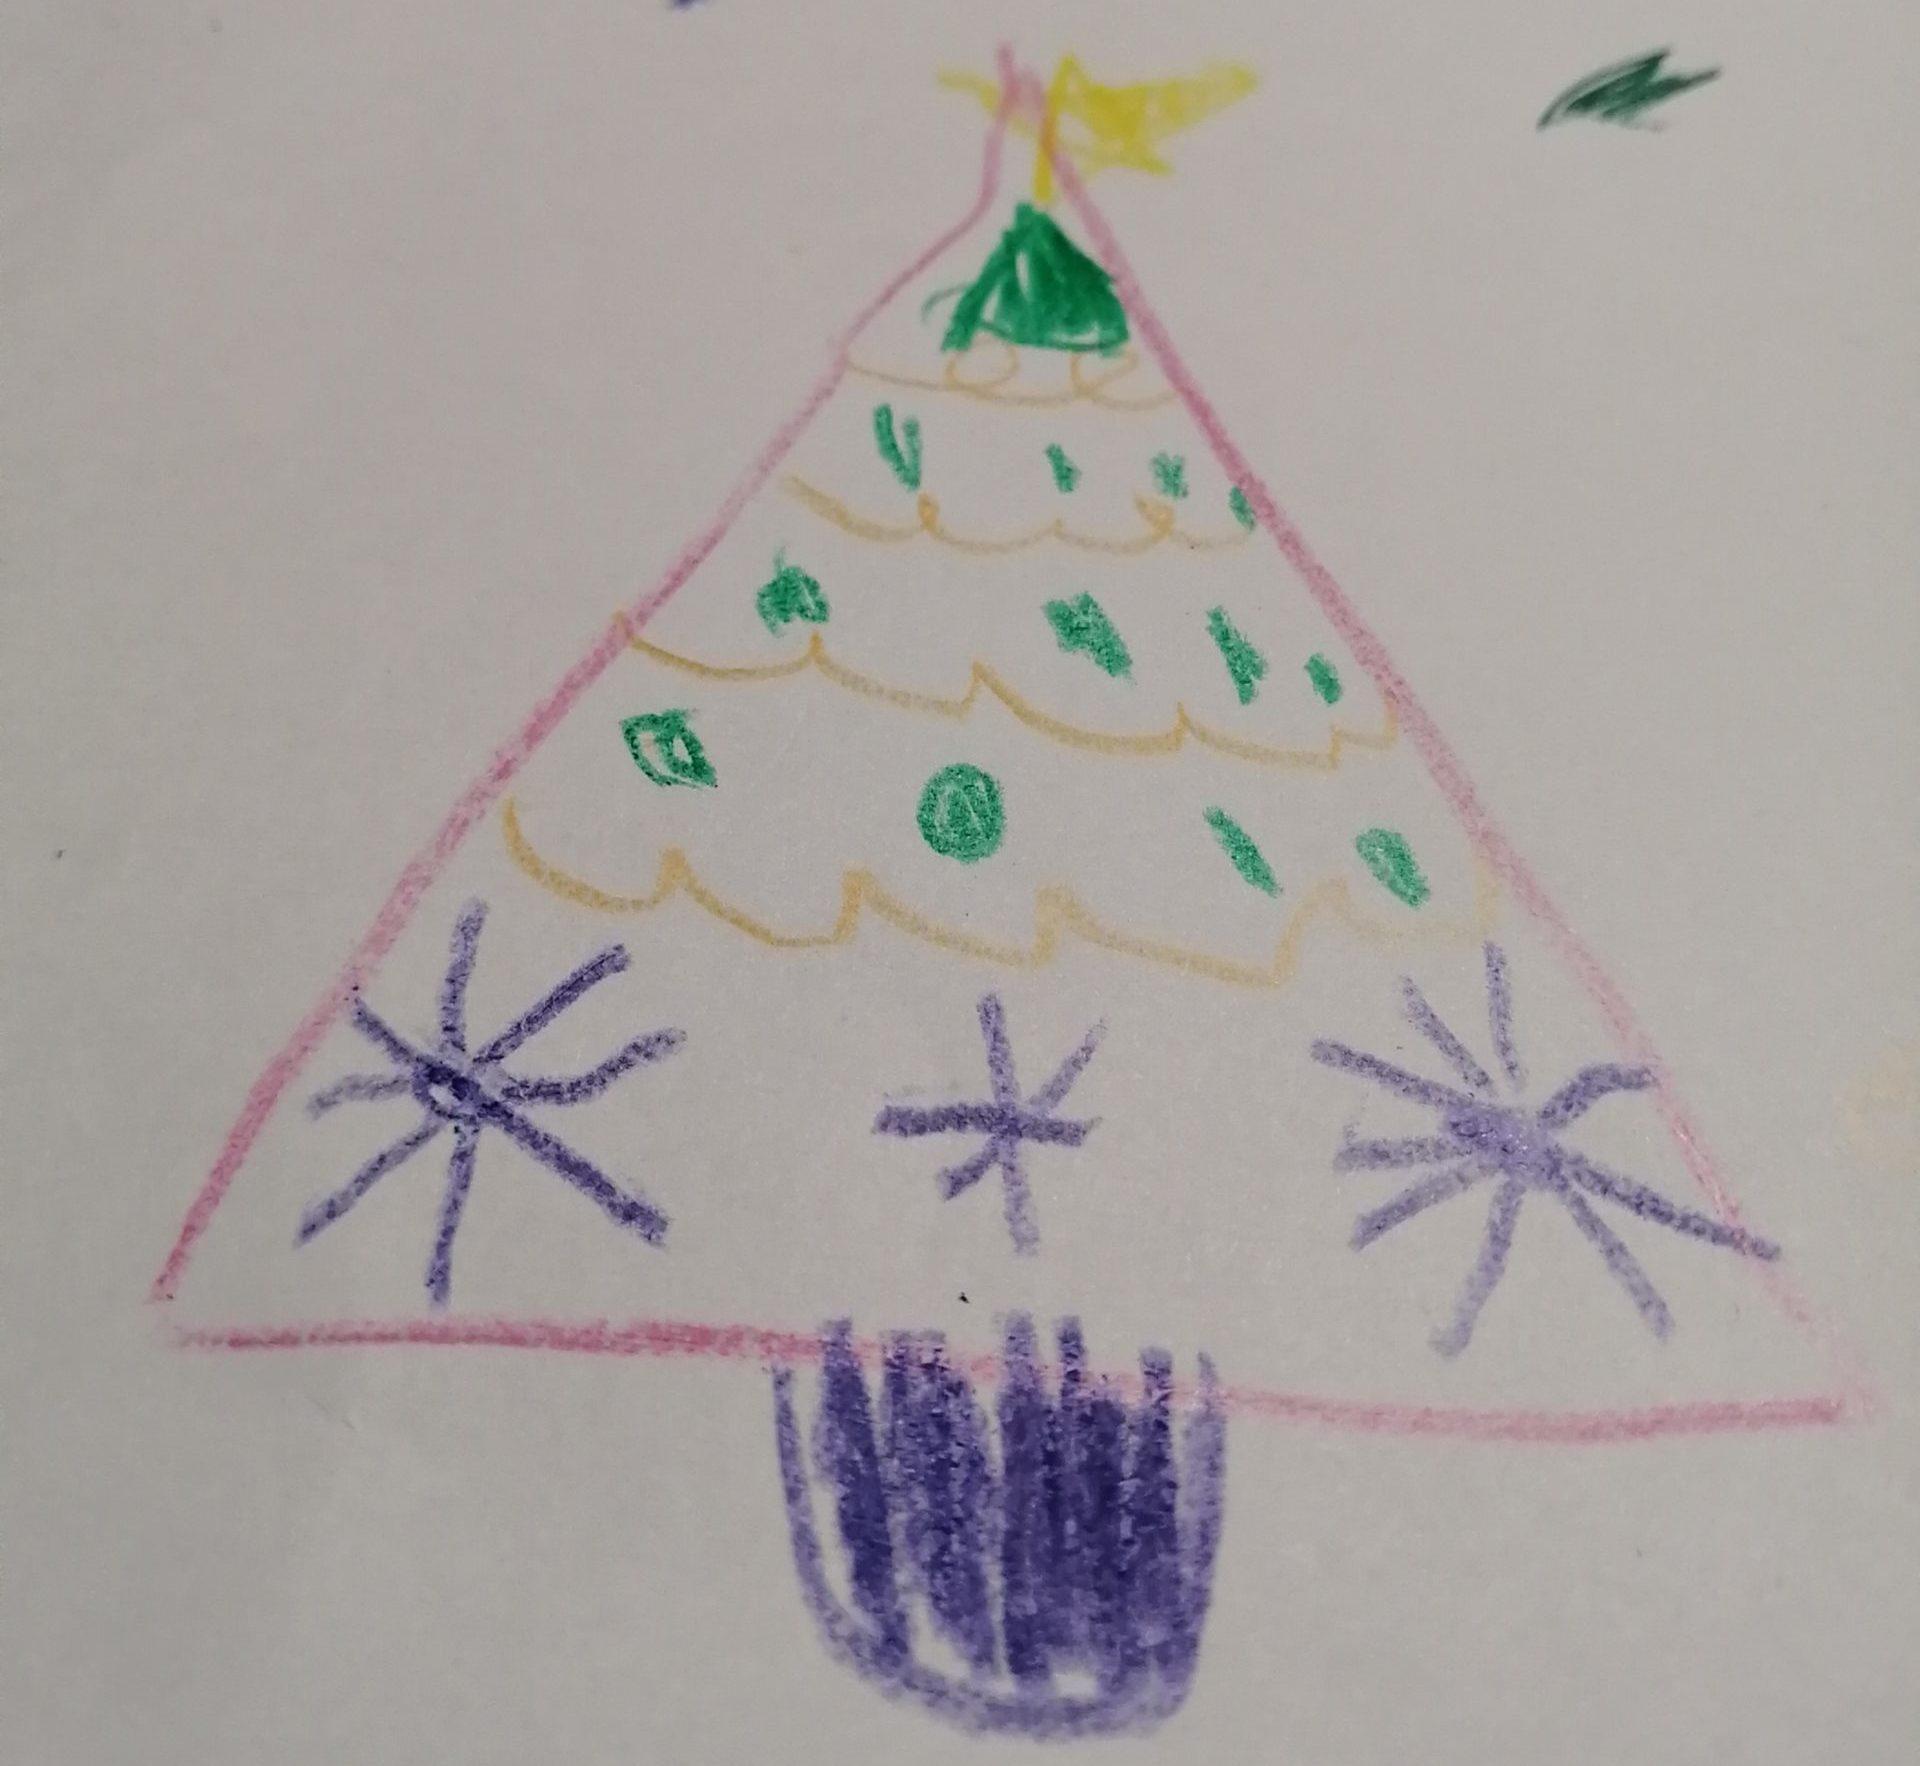 子どもが描いたクリスマスツリー